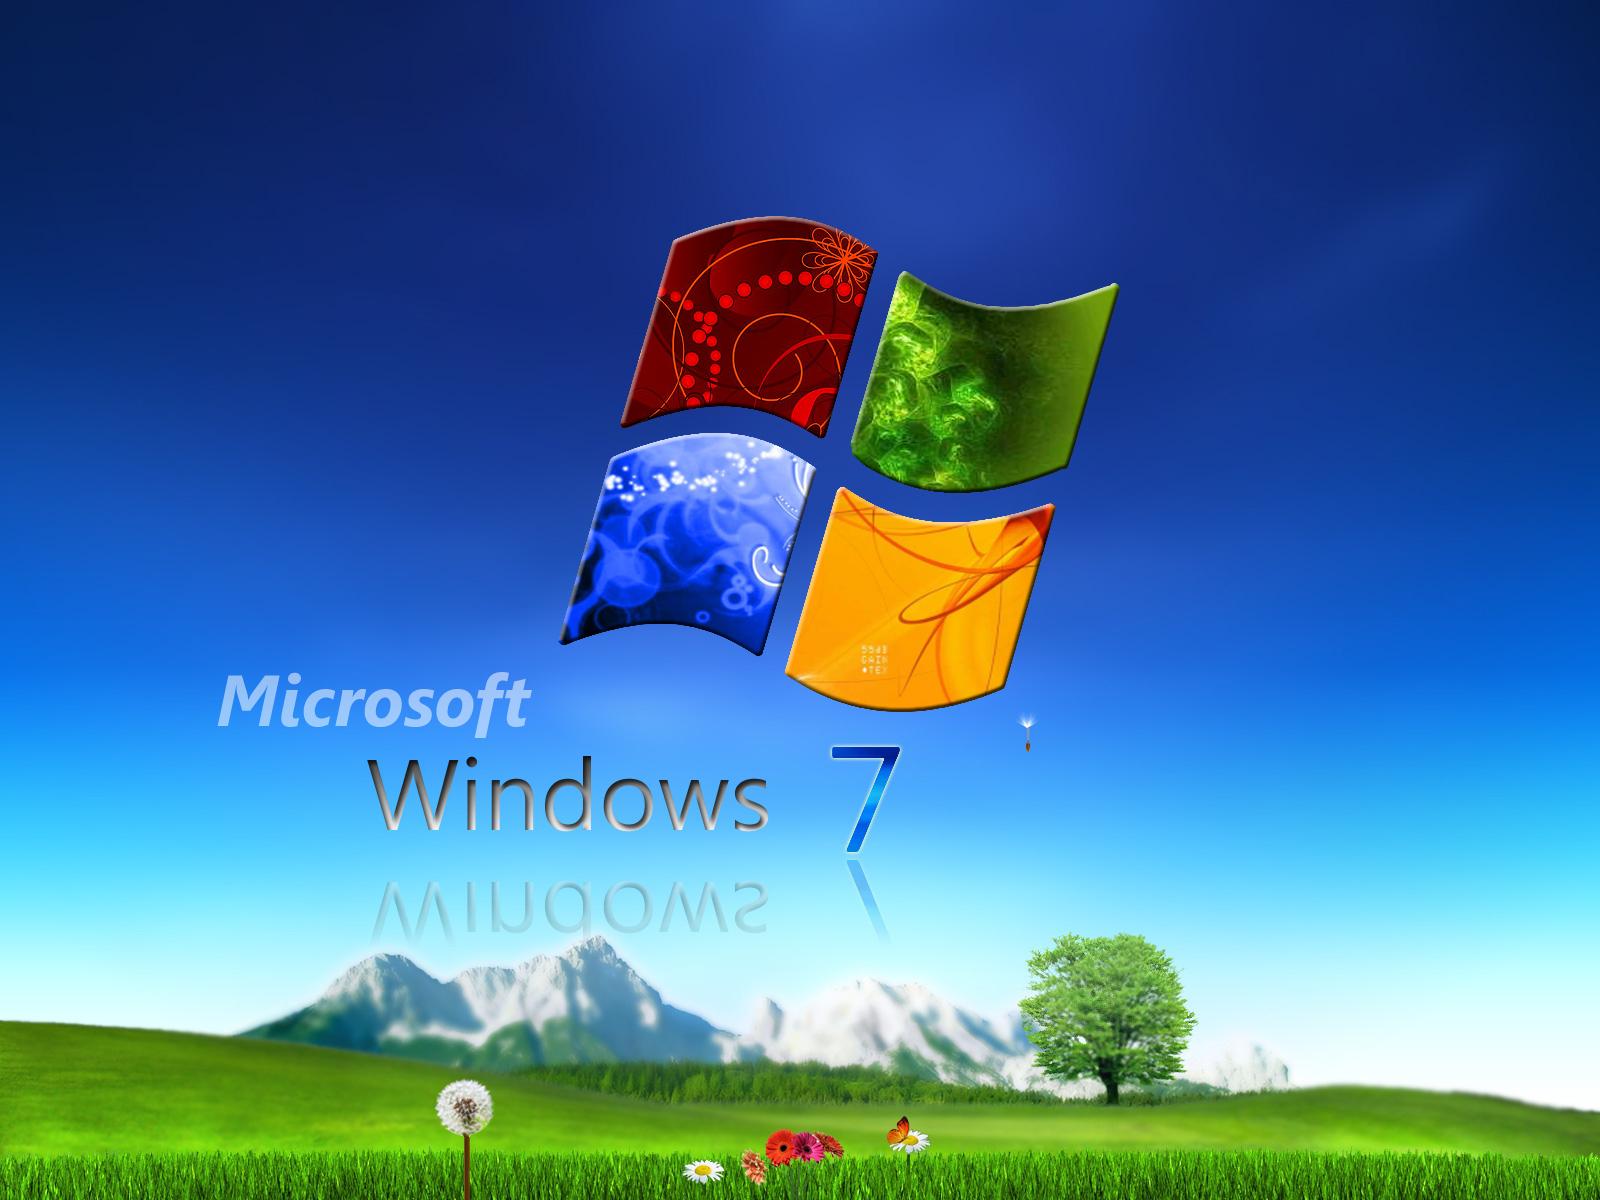 http://3.bp.blogspot.com/-7N6RFRLCqbM/UC-btYfb1LI/AAAAAAAAAMA/uCdpPPcEgJs/s1600/Windows_7_Nature_Wallpaper_by_godoftech.jpg